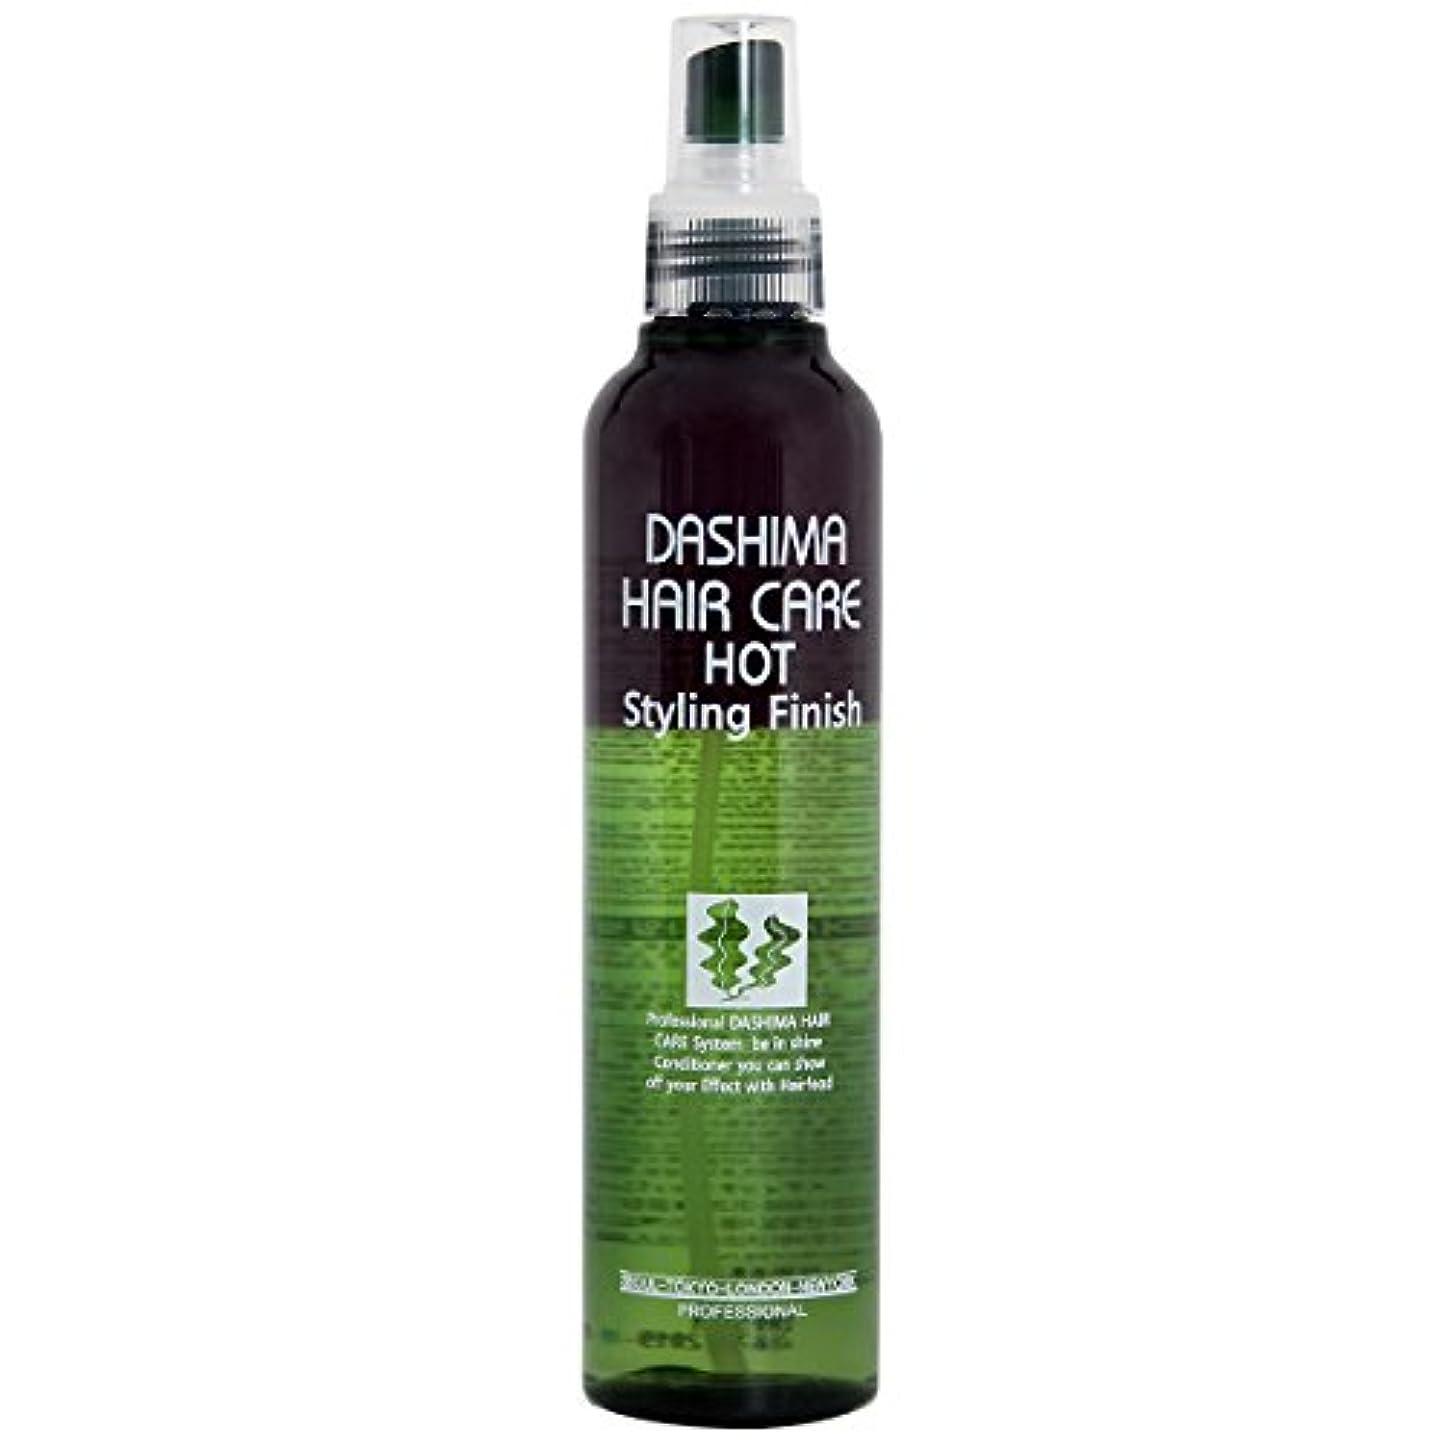 葬儀レンズ検索ダシマヘアケアハッスタイルリングピニスィ250ml(DASHIMA HAIR CARE Hot Styling Finish 250ml)